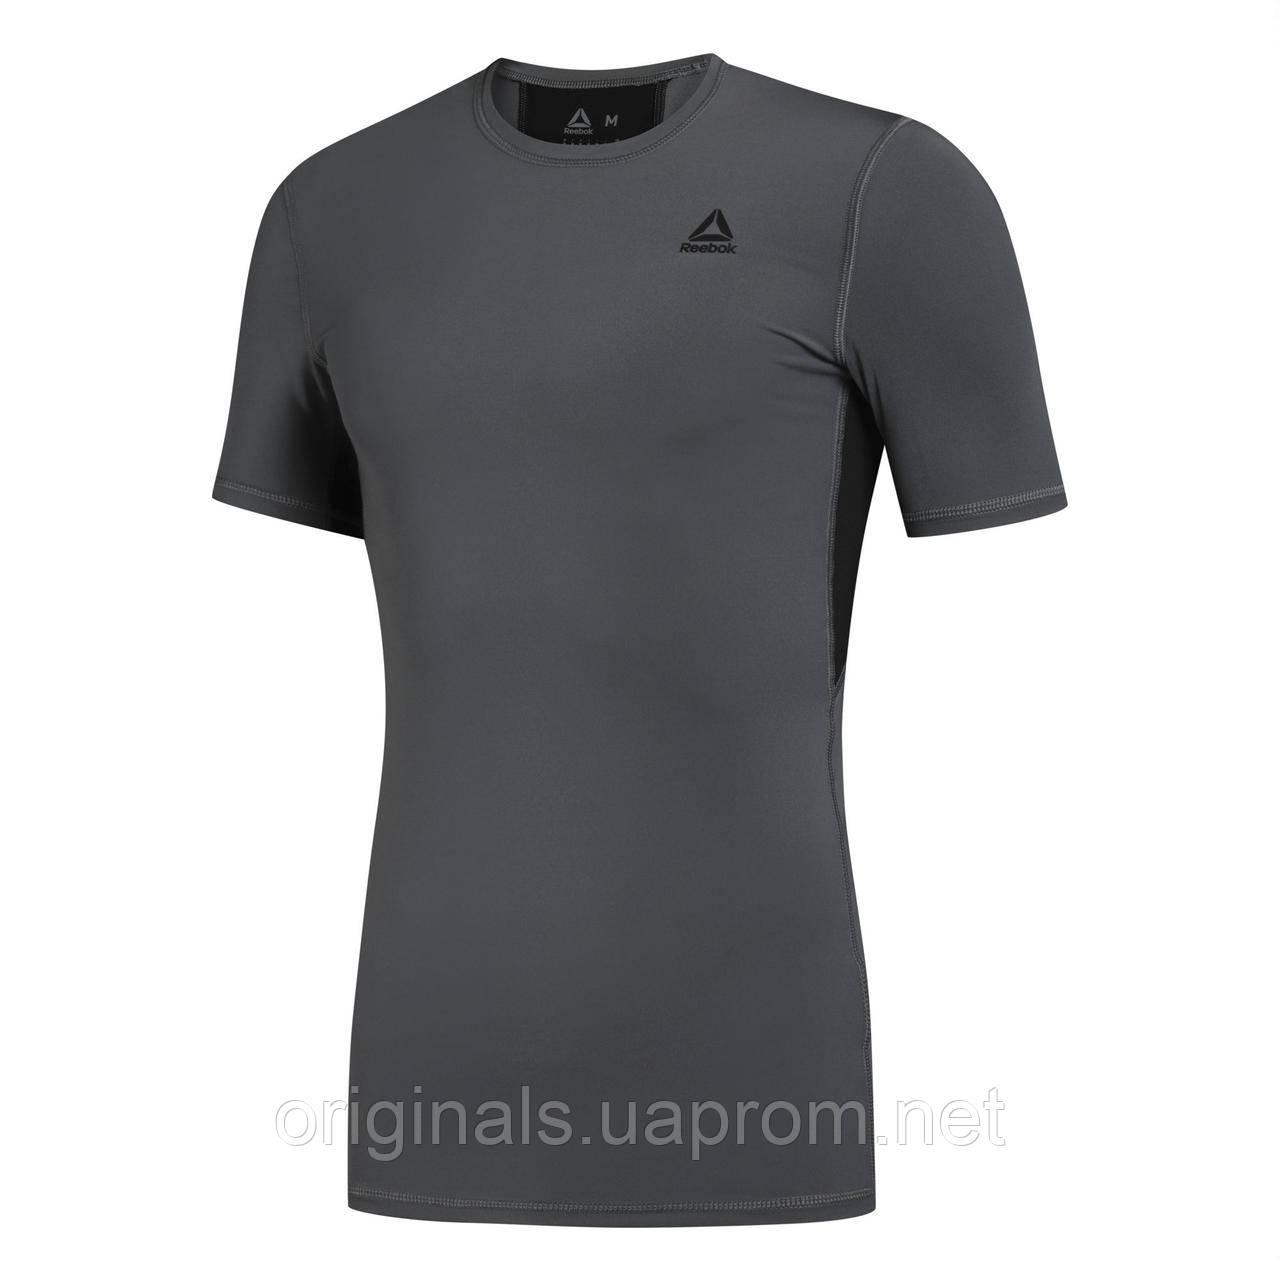 Herren T Shirts von Reebok: bis zu −47% | Stylight